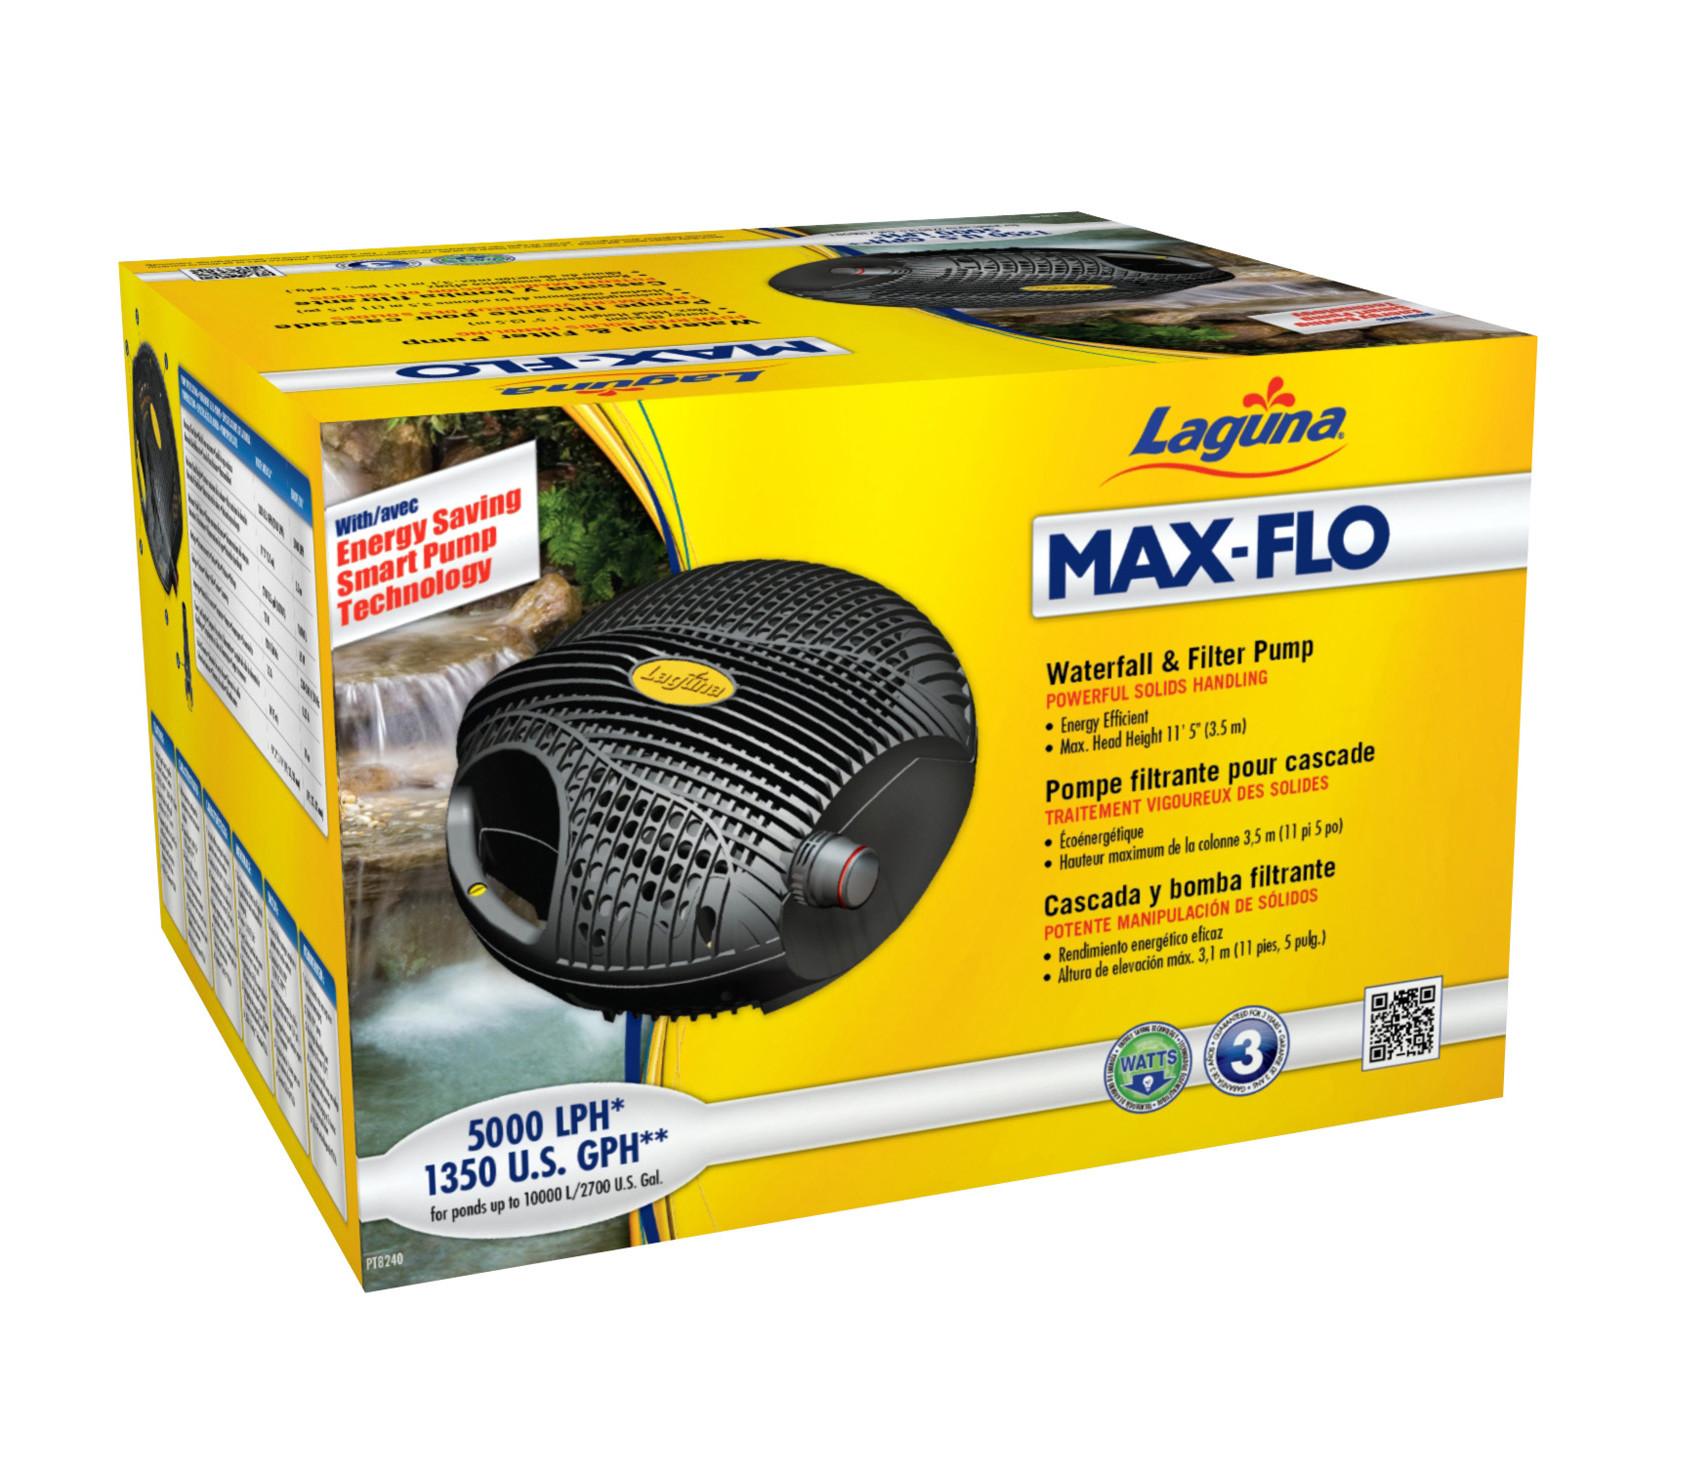 Pompe filtrante max flo 1350 laguna pour cascade 5 100 l for Pompe filtrante